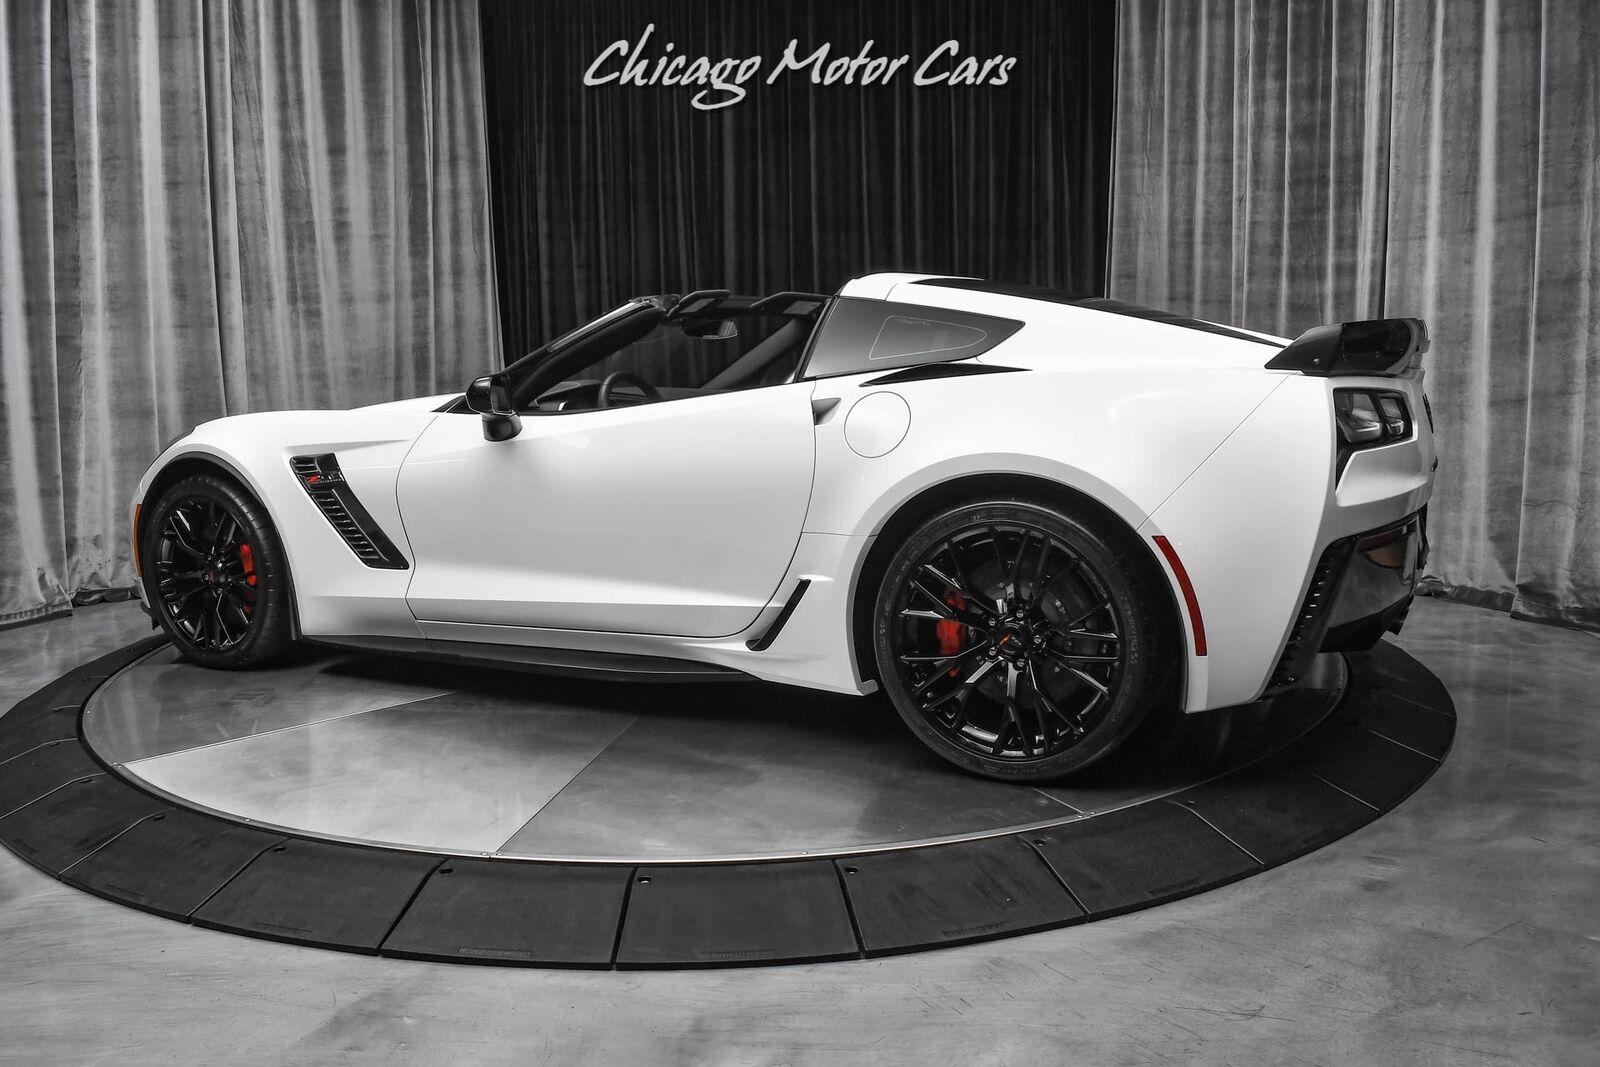 2019 White Chevrolet Corvette Z06 2LZ   C7 Corvette Photo 3